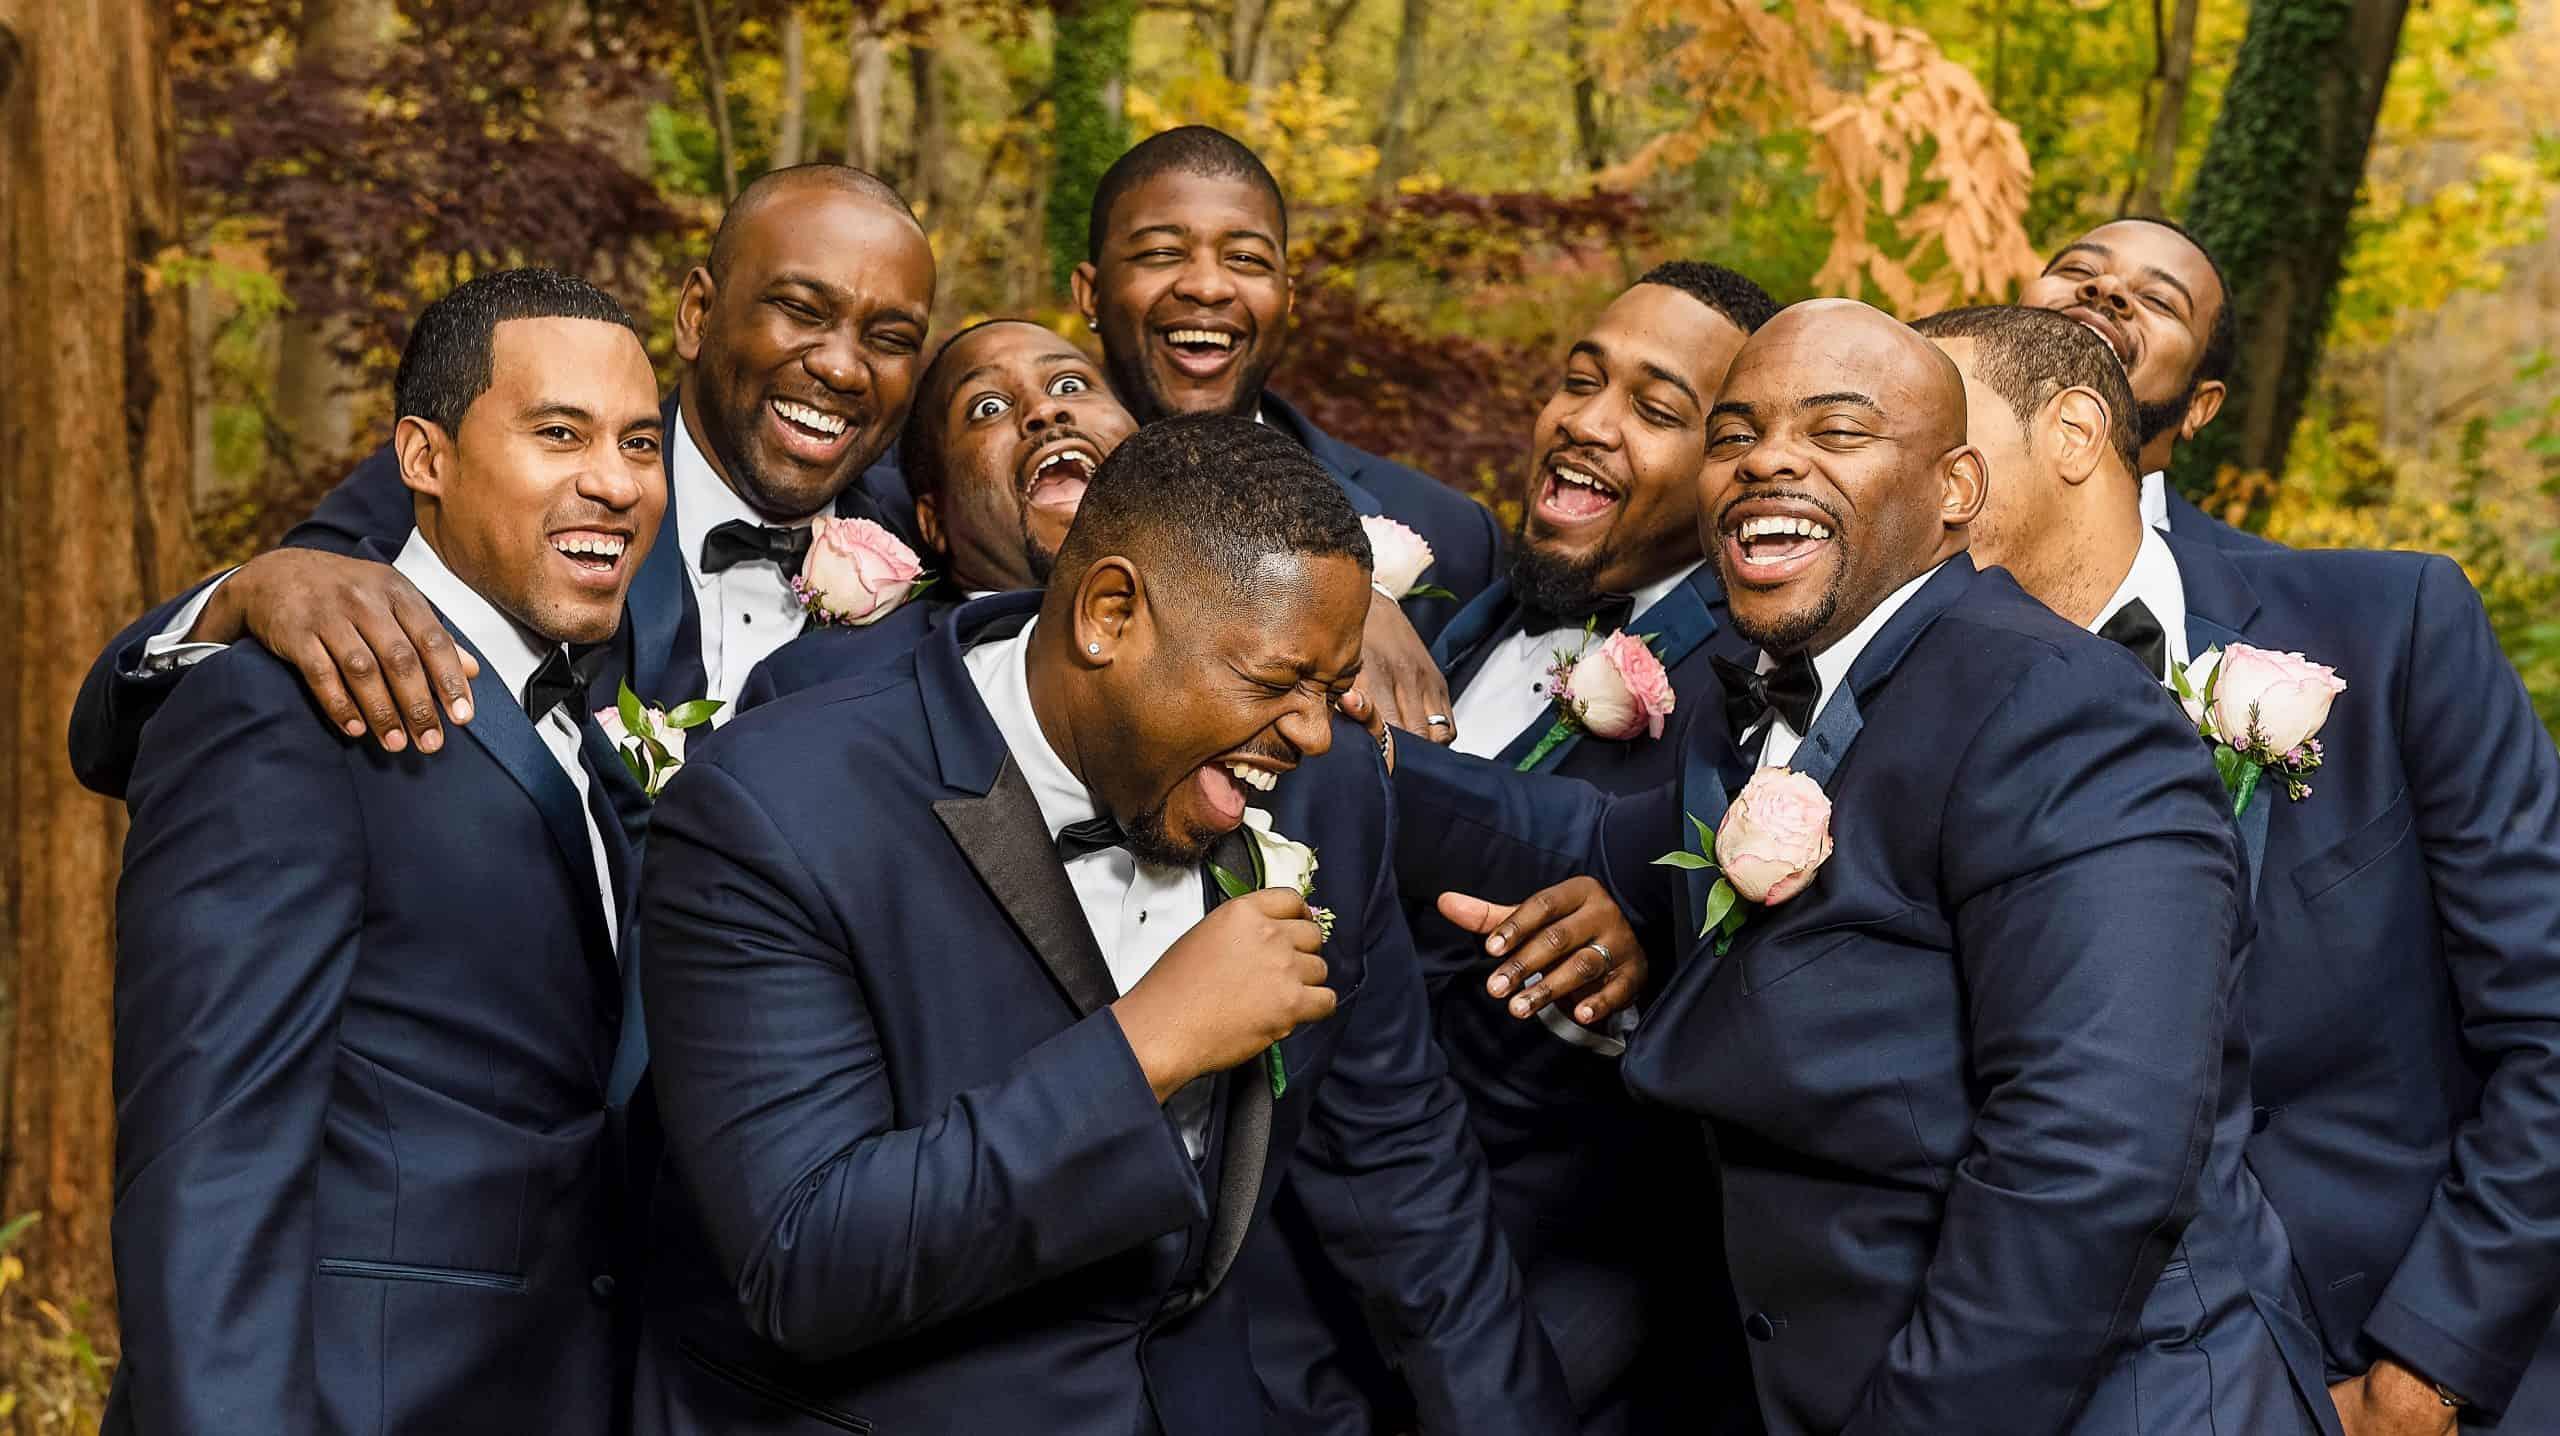 Groomsmen Boutonniere Philly Wedding1